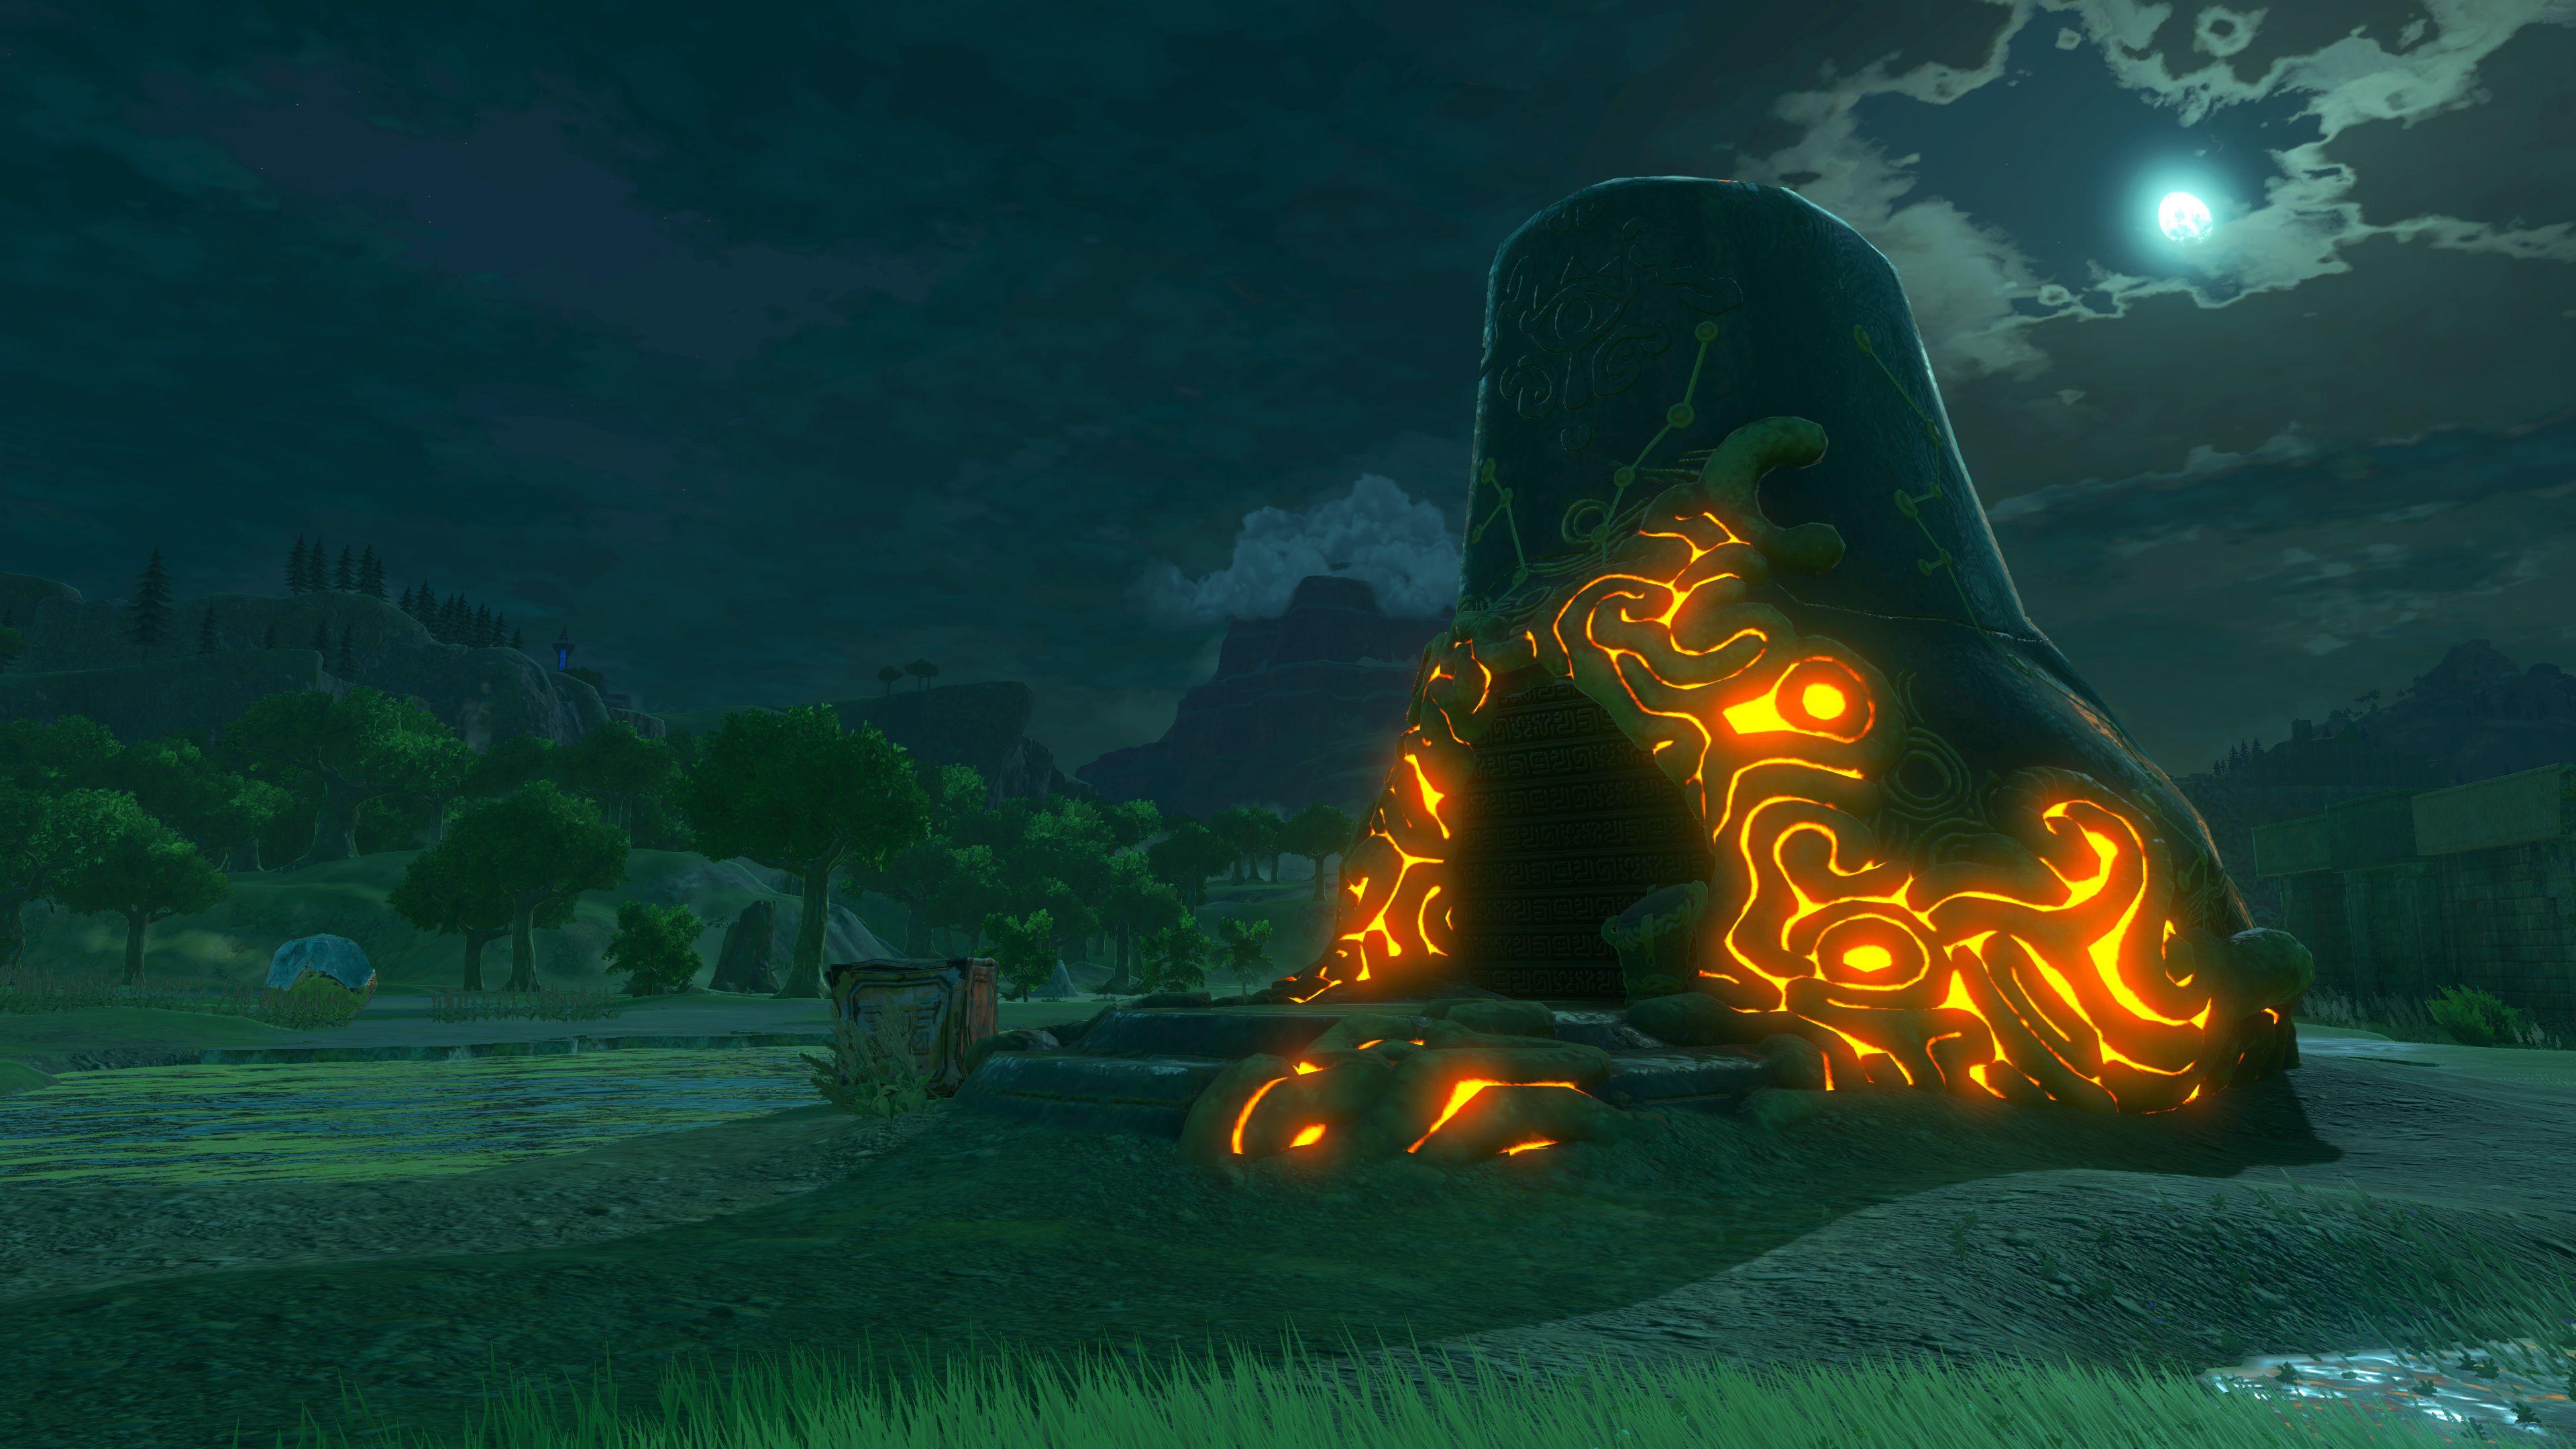 The Legend Of Zelda Breath Of The Wild Wallpaper Pack Zelda